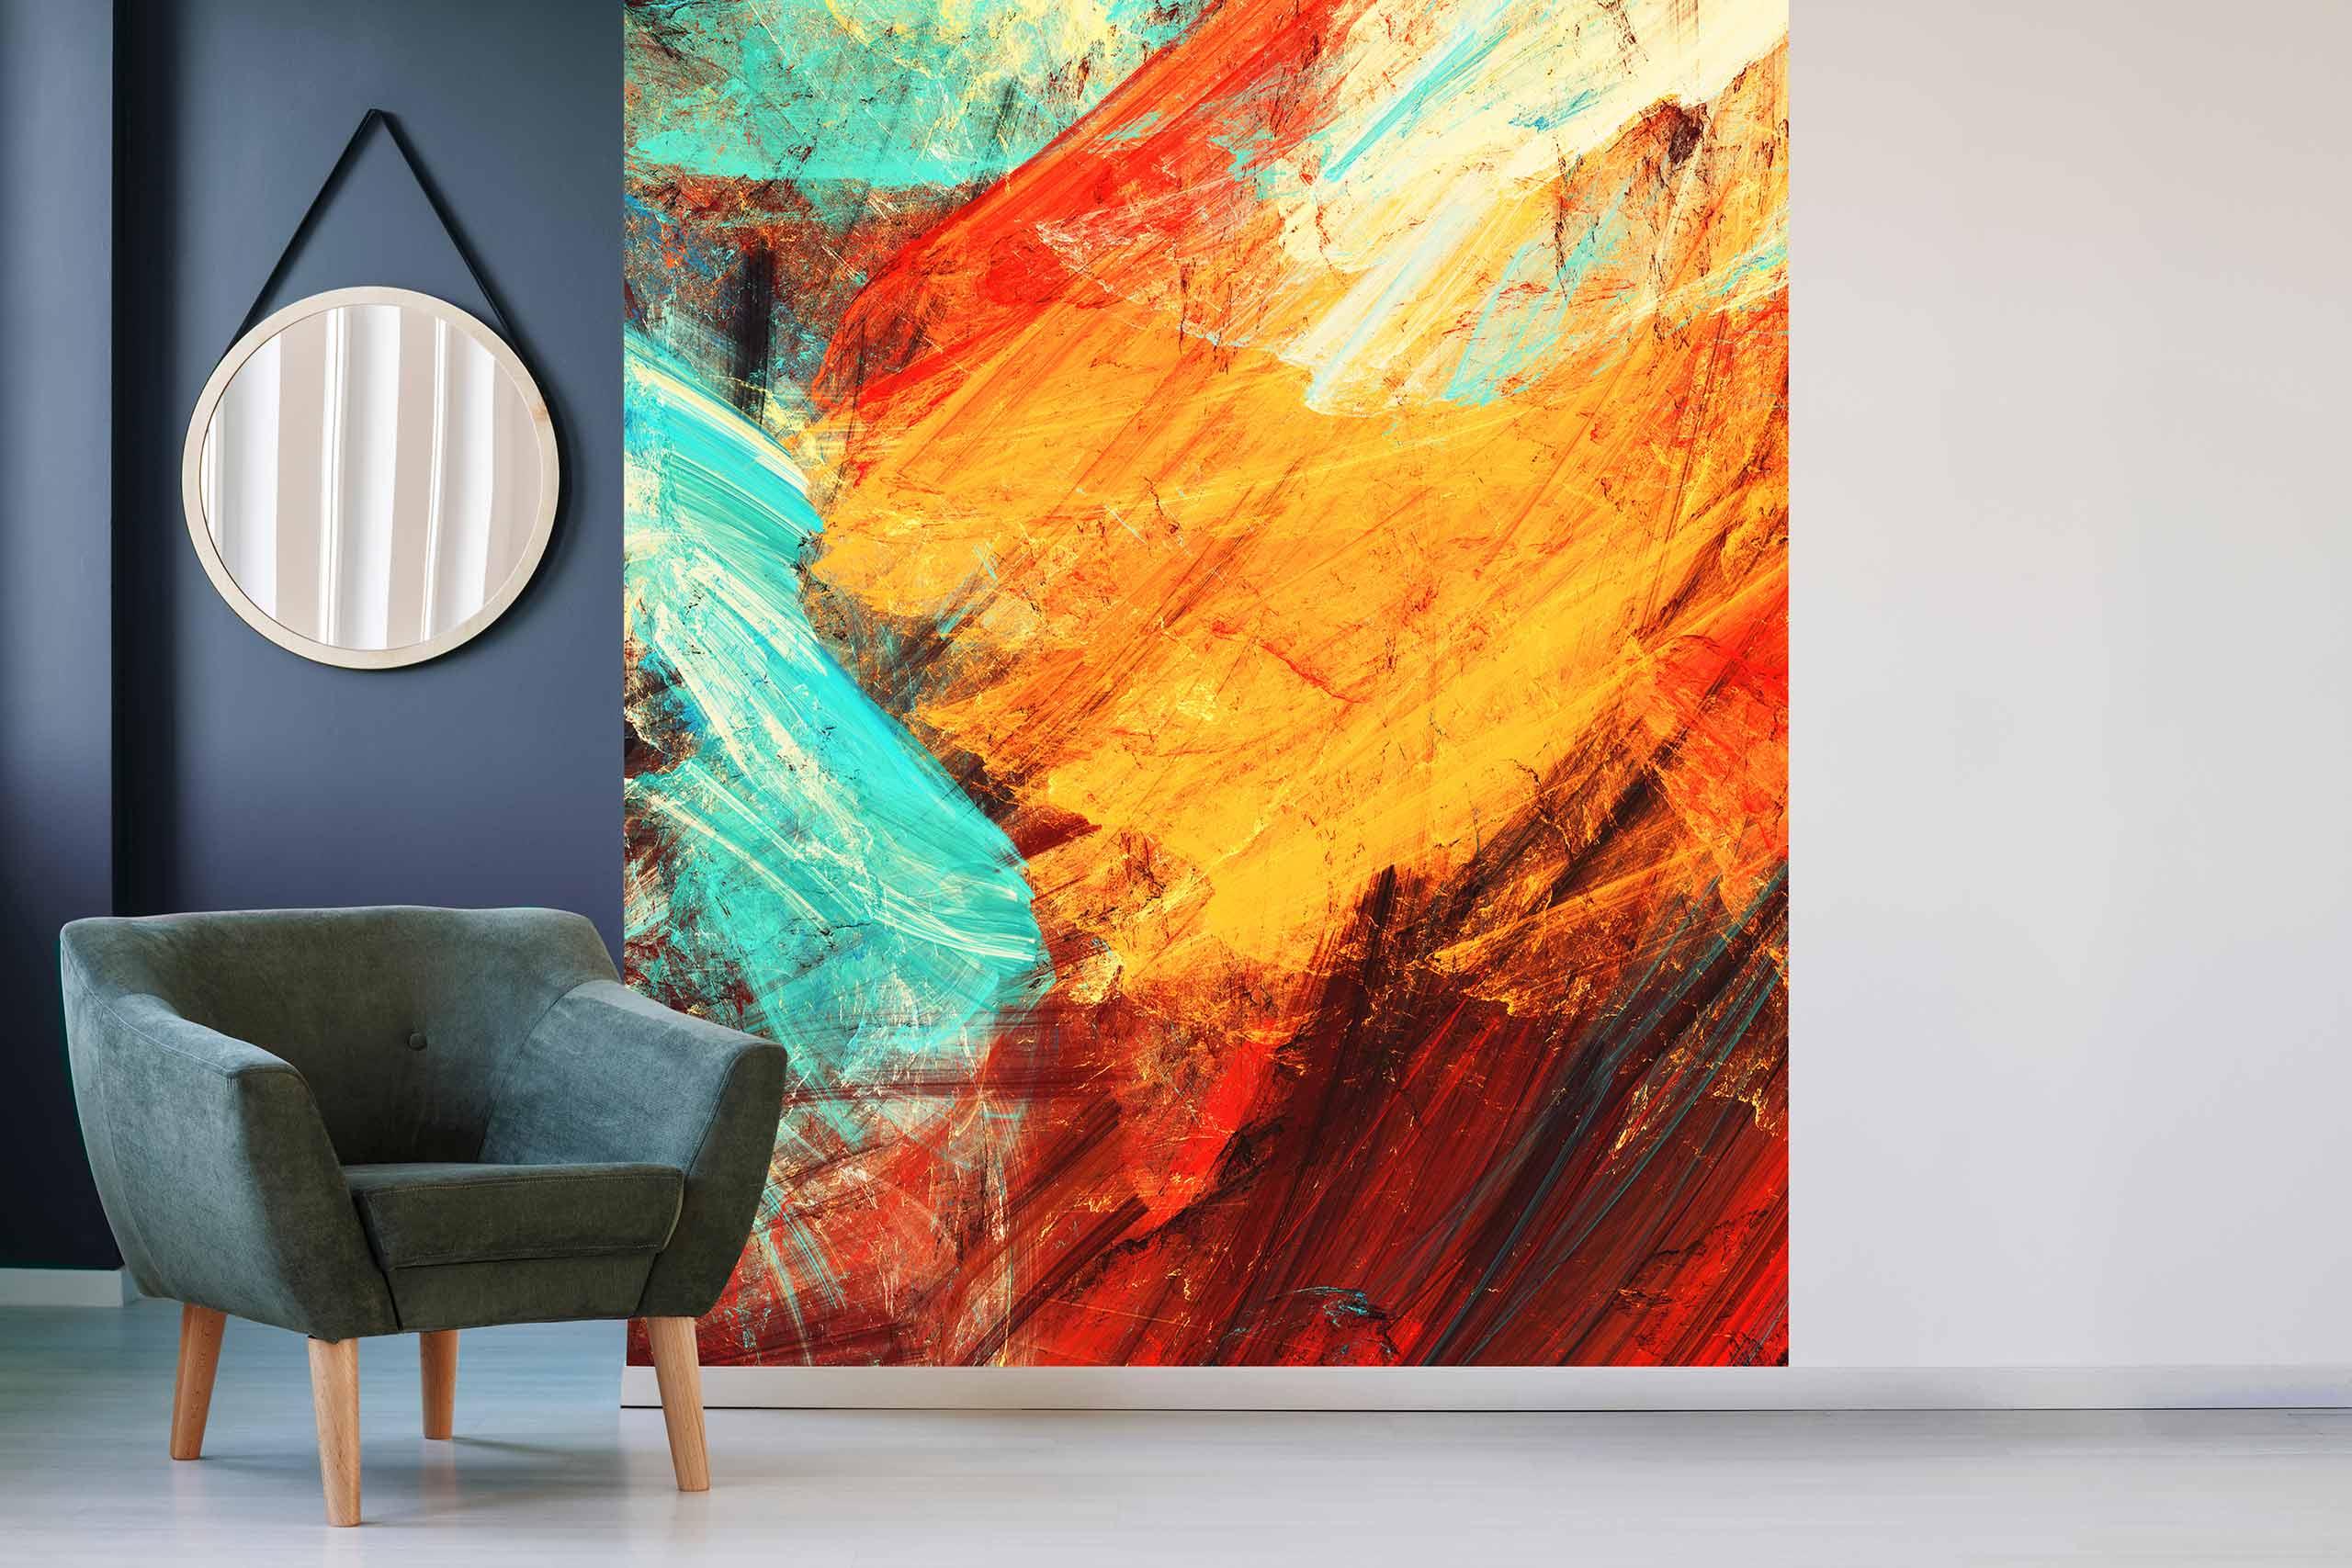 Vlies Tapete 225 Fototapete Höhe 250cm Motiv 142 Abstrakt Kunst